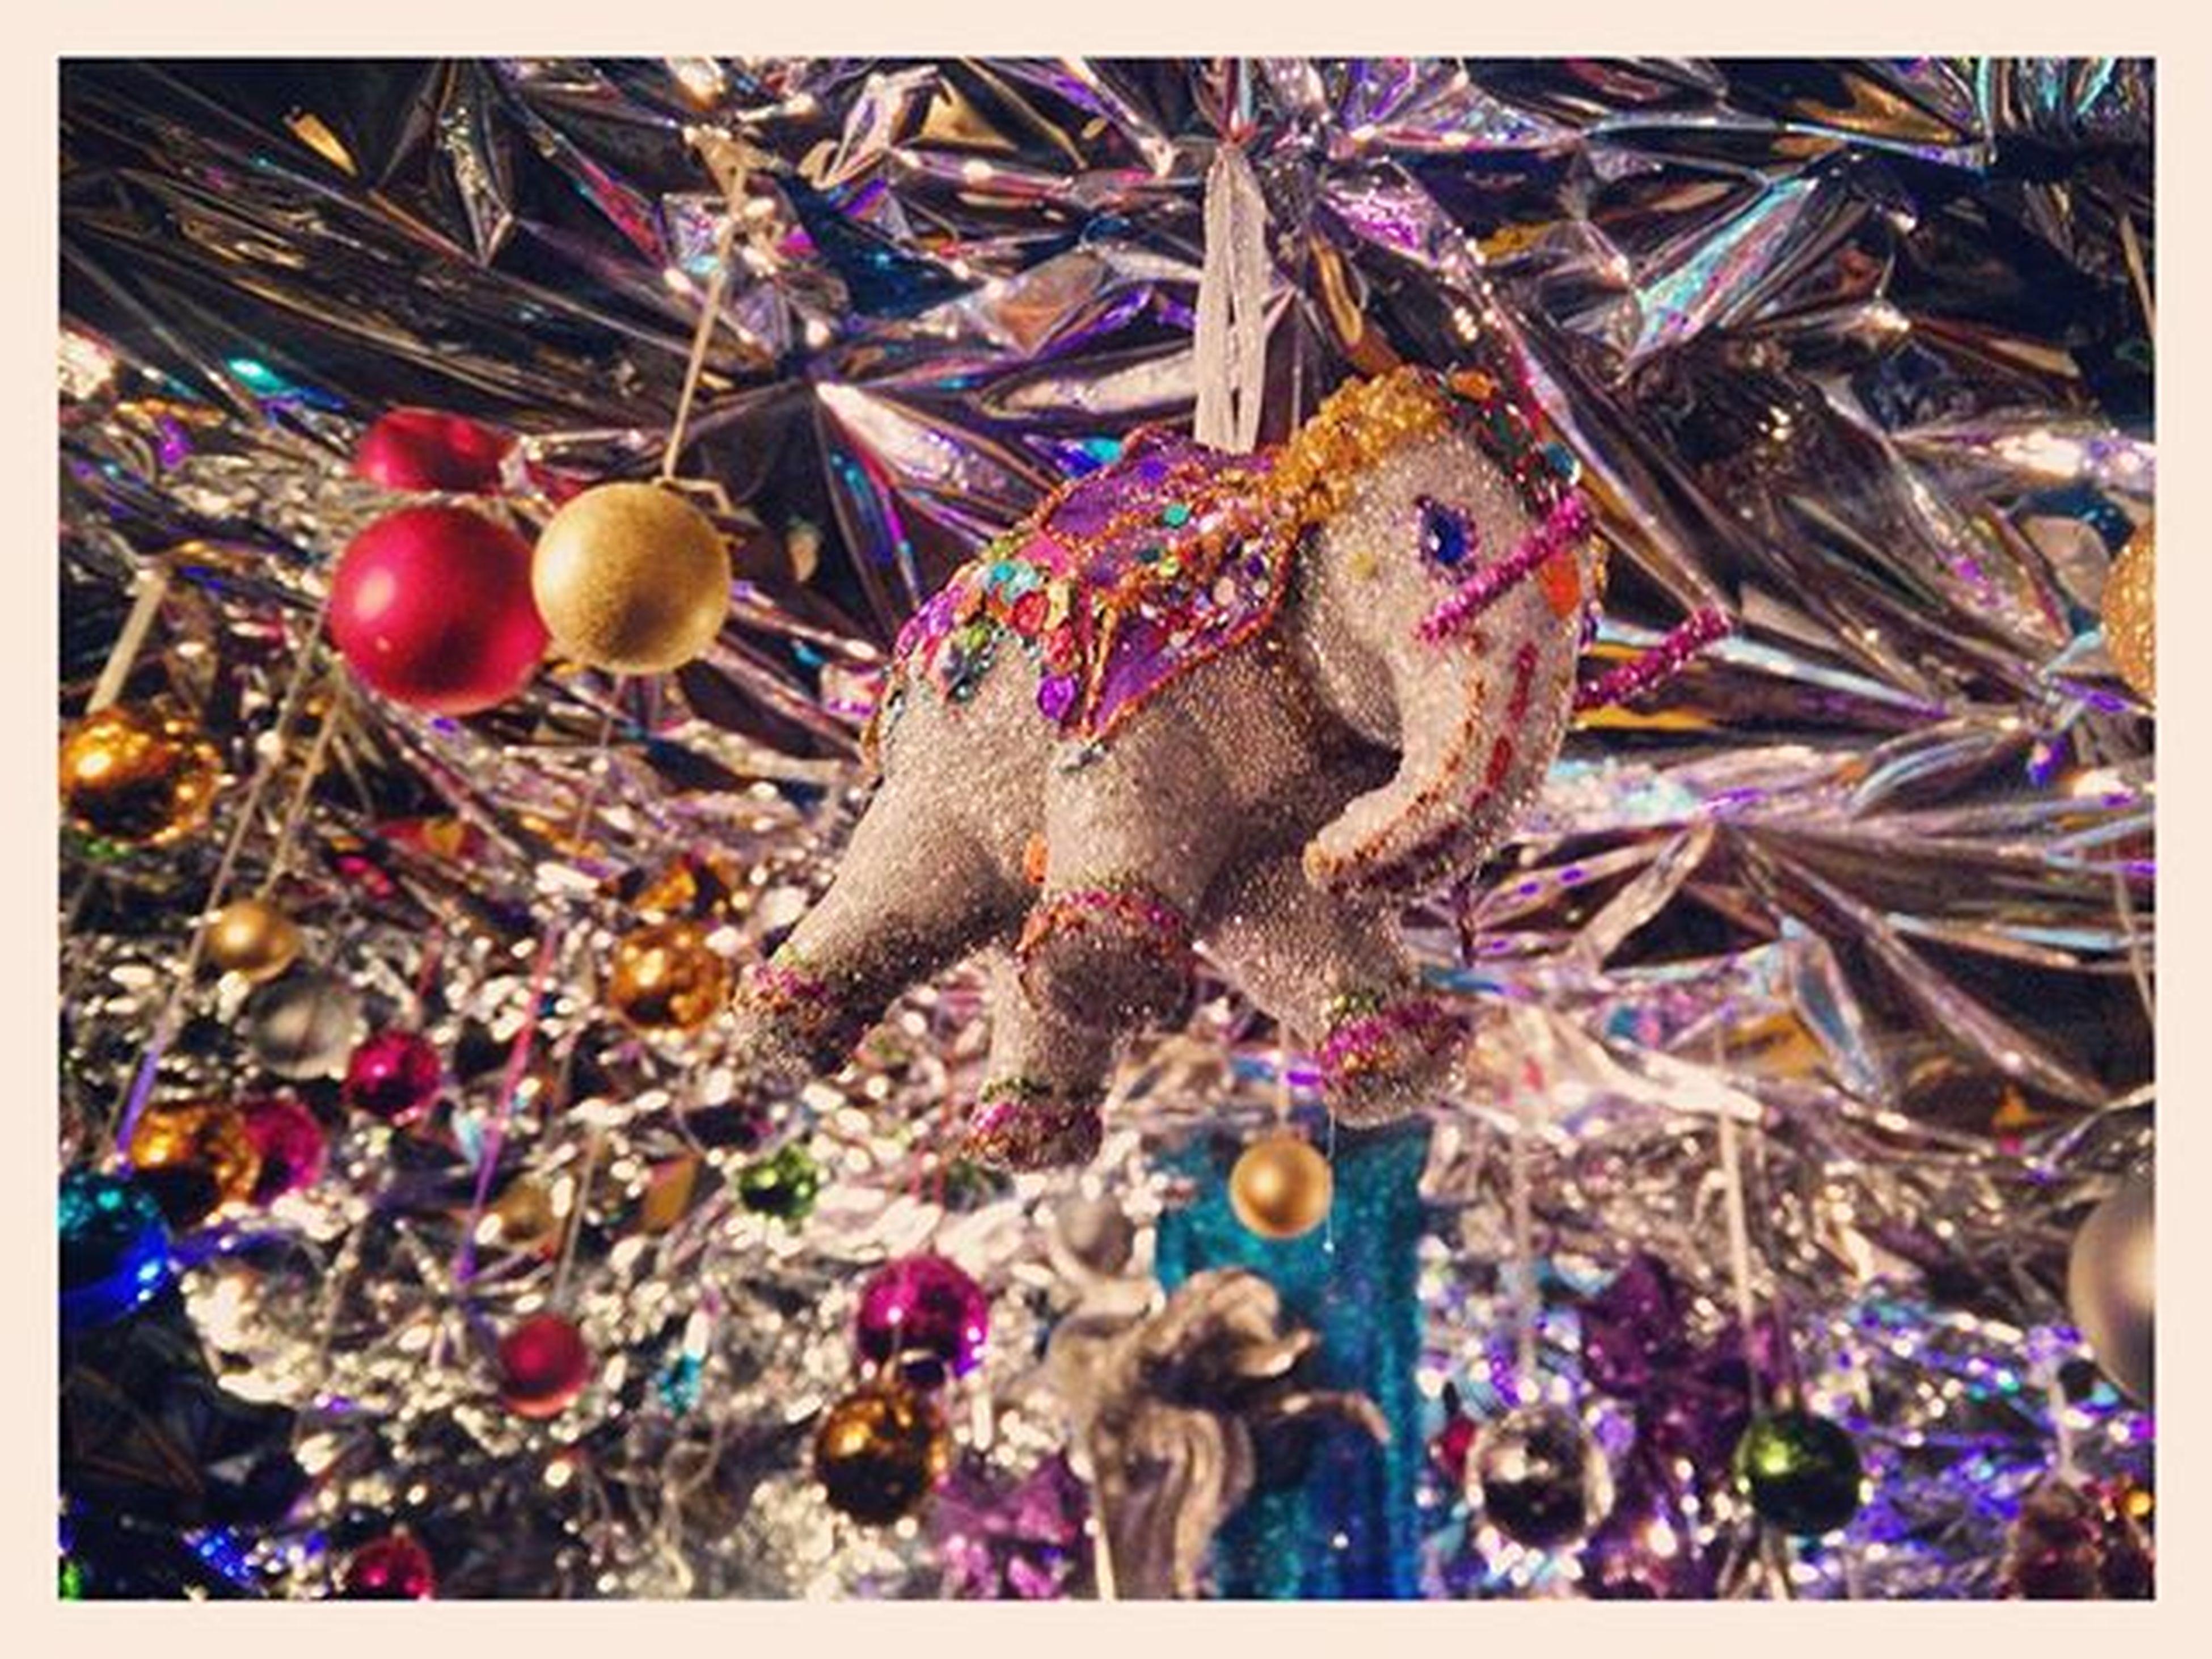 Glühwein auf der Christmasavenue Cologne 😍👌 Gay Gaychristmasmarket Cologne Gaypride Glitter Glitzer Elephant Gaychristmas Koelnergram Igers IGDaily POTD Ig_cologne Glühwein Germany Pride Xmas Weihnachten Weihnachtsmarkt